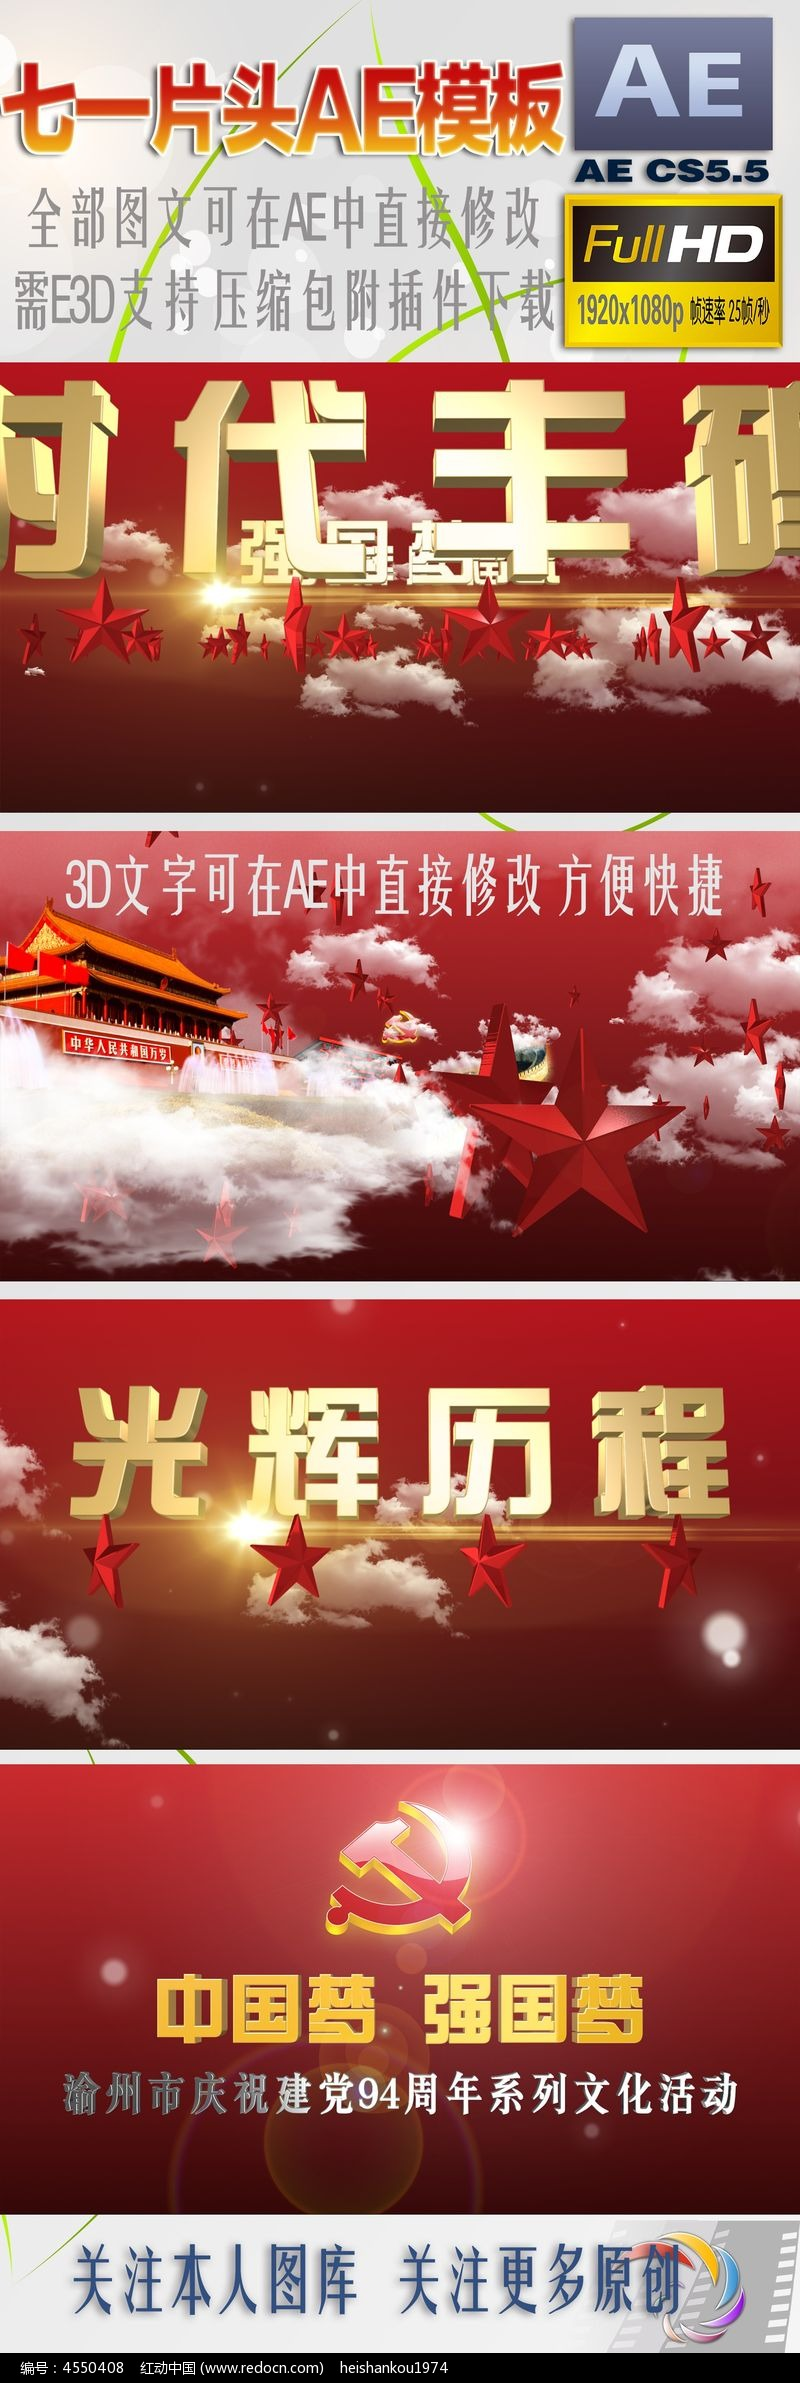 庆祝建党94周年晚会开场视频AE源文件下载图片